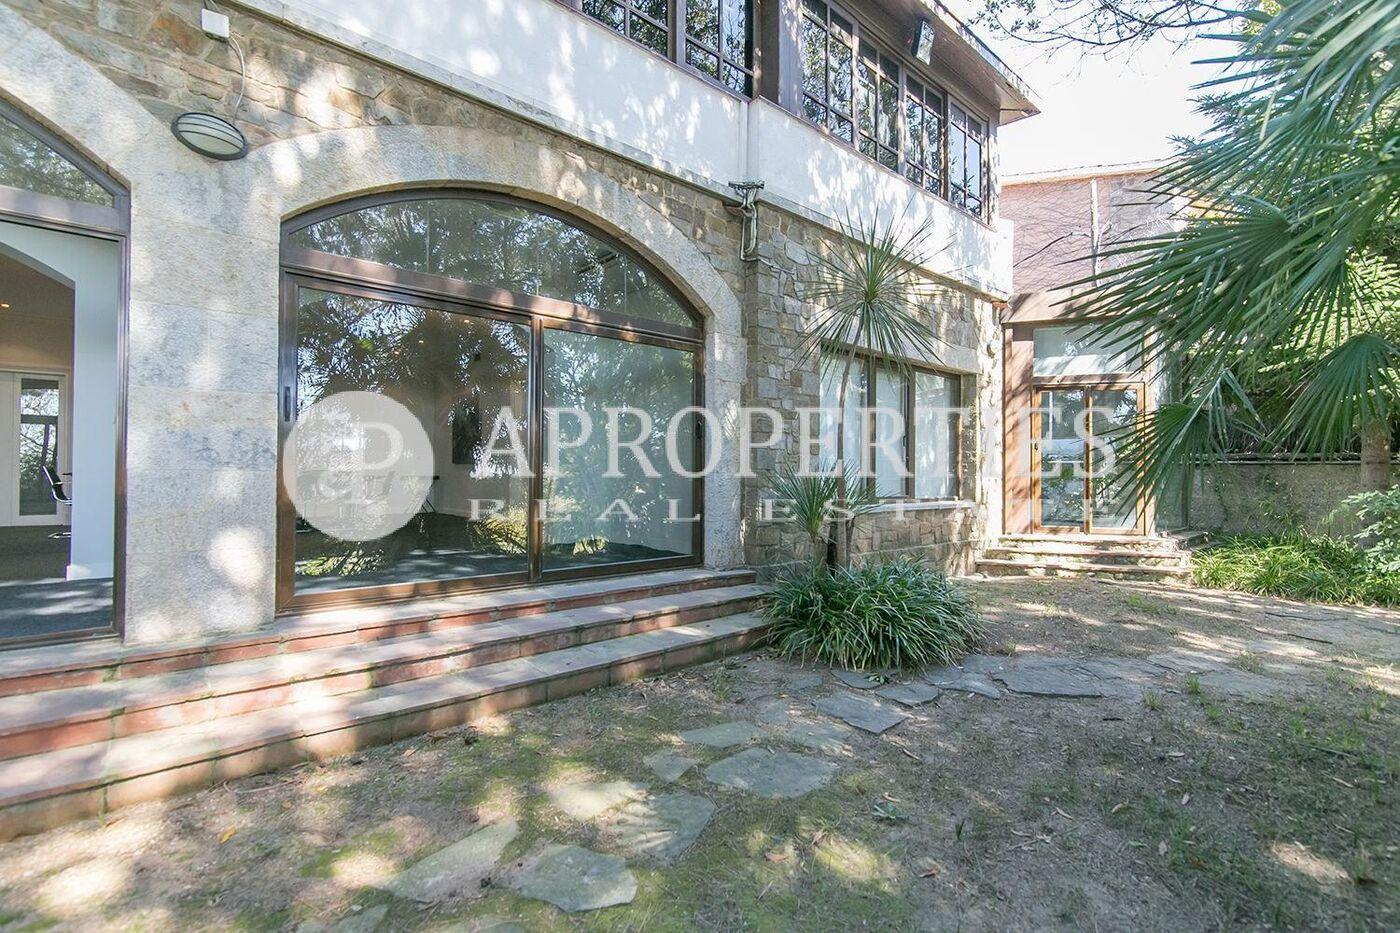 Casa en alquiler con jard n de 1500m2 en pedralbes for Casa alquiler barcelona jardin